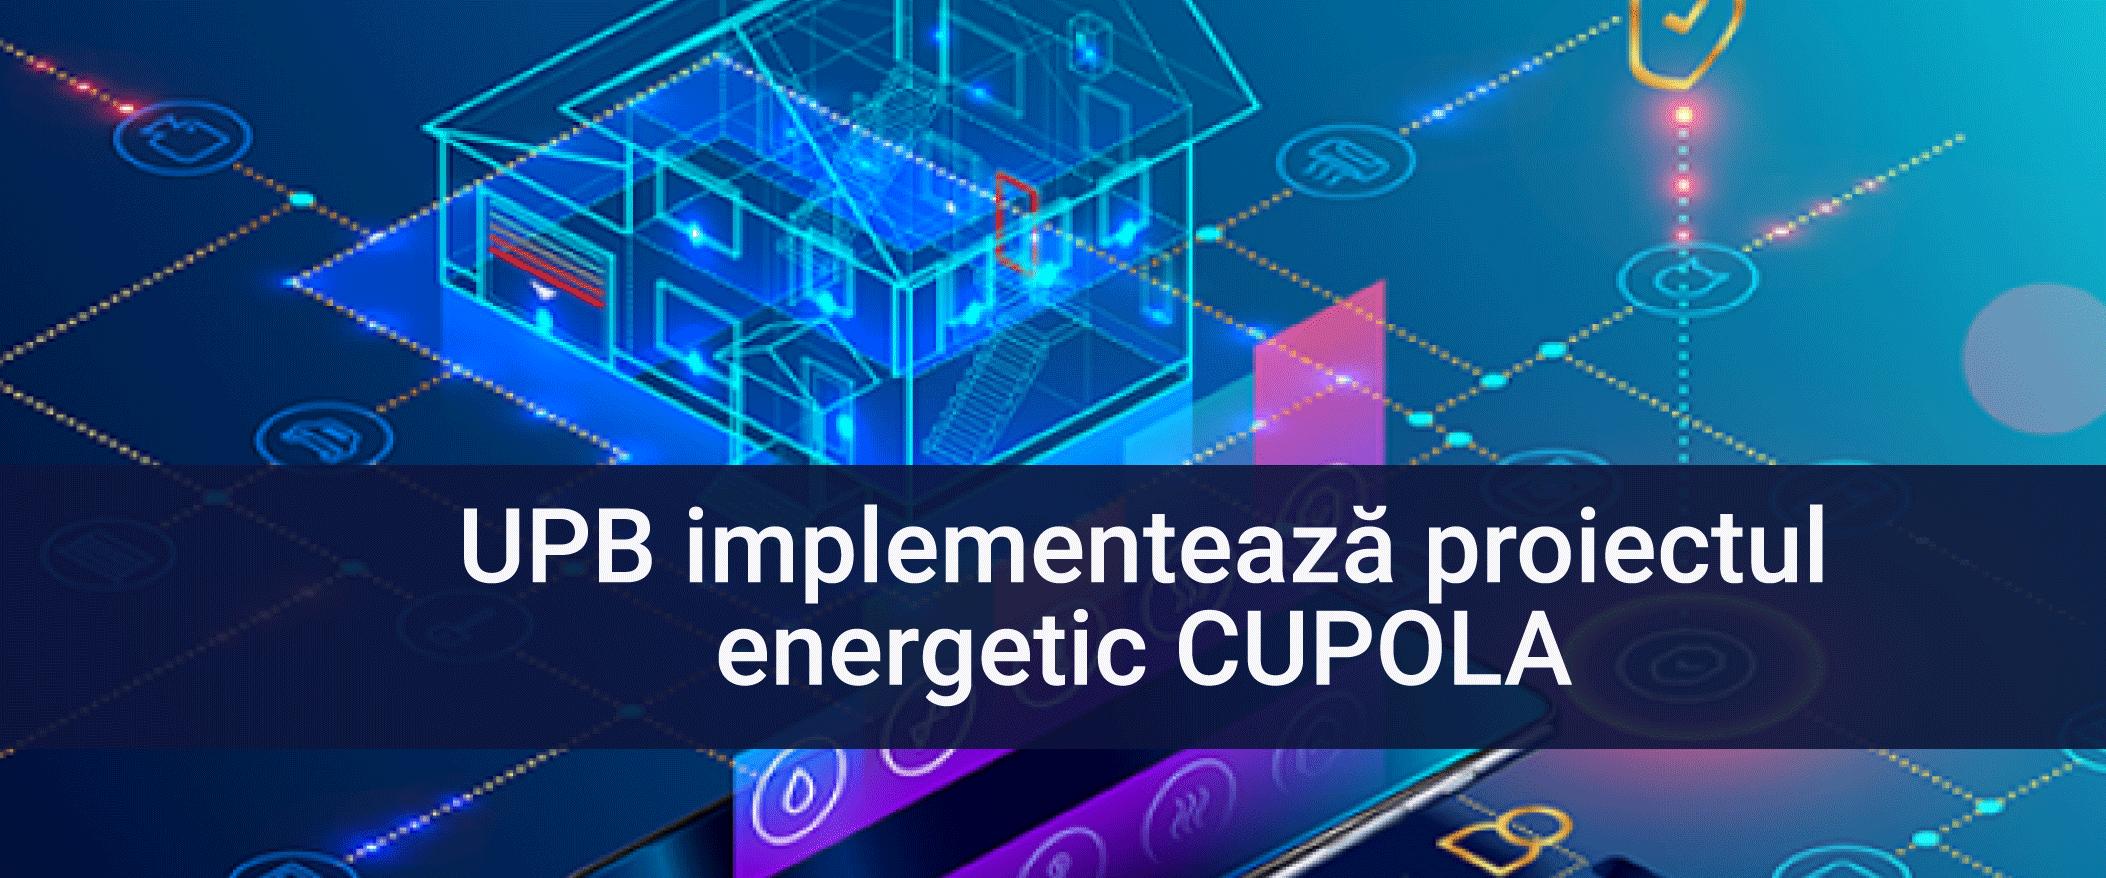 Universitatea Politehnica din București implementează proiectul energetic CUPOLA